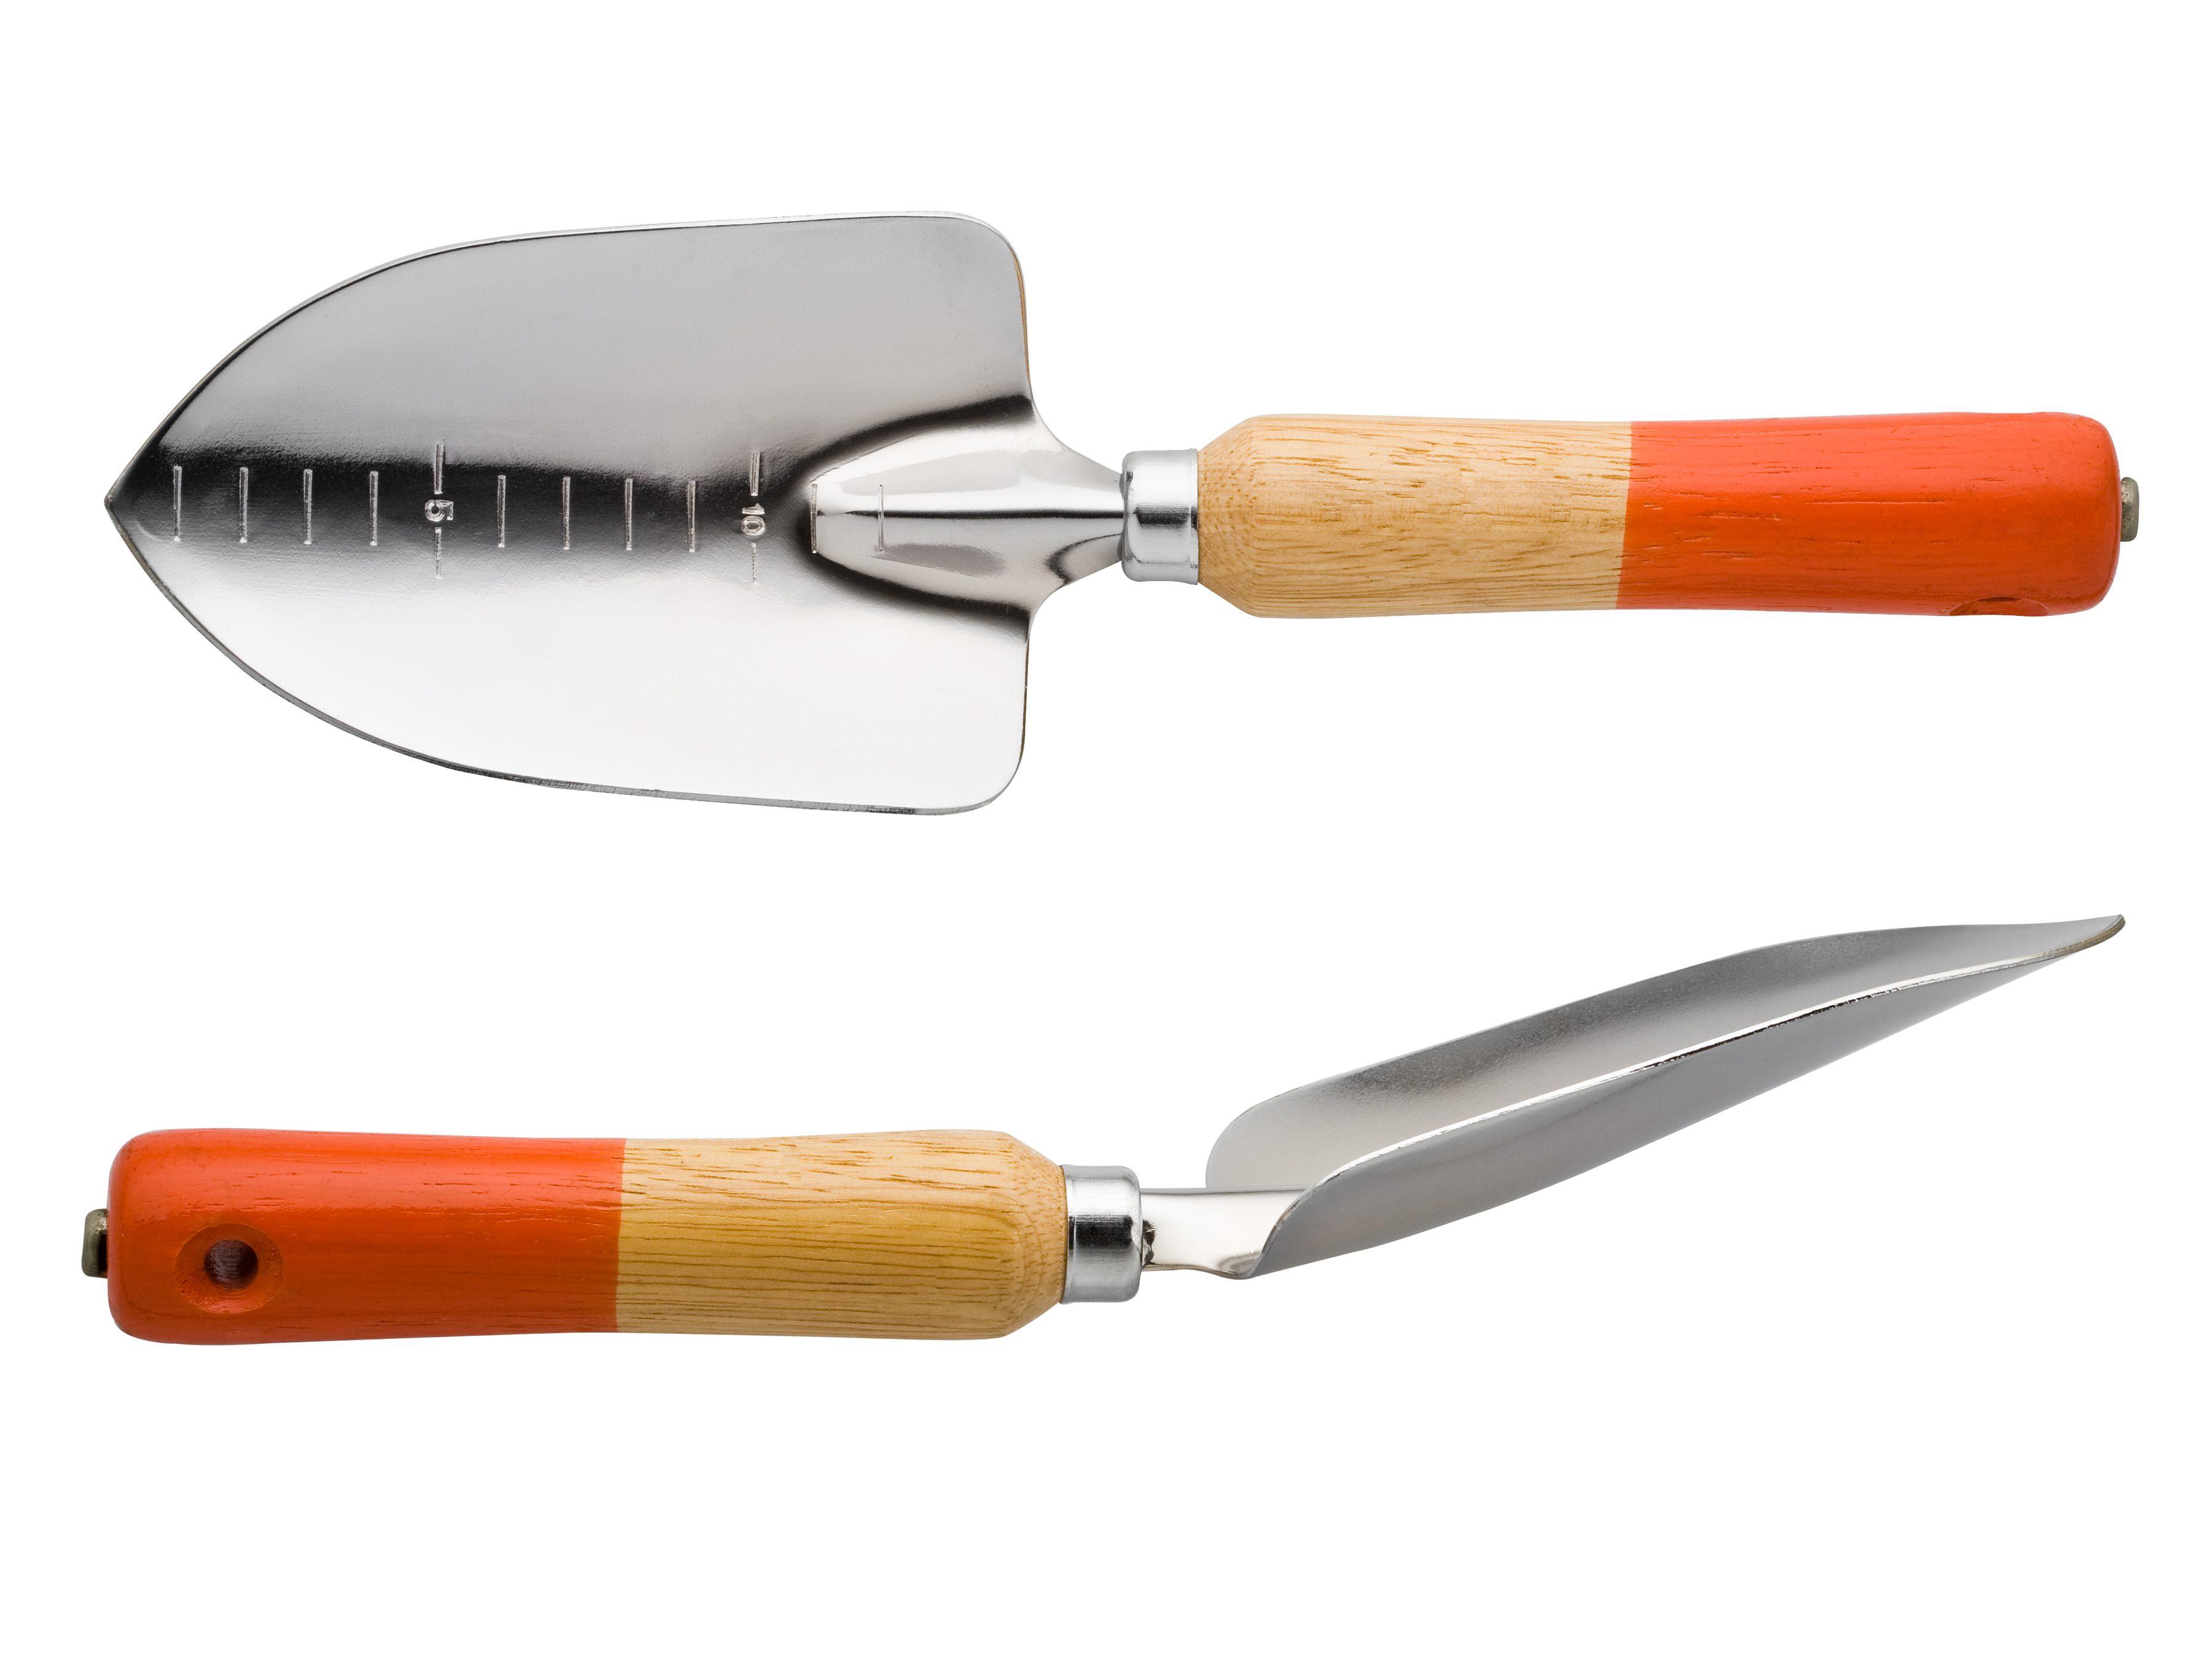 11. Envisagez des outils de jardin colorés